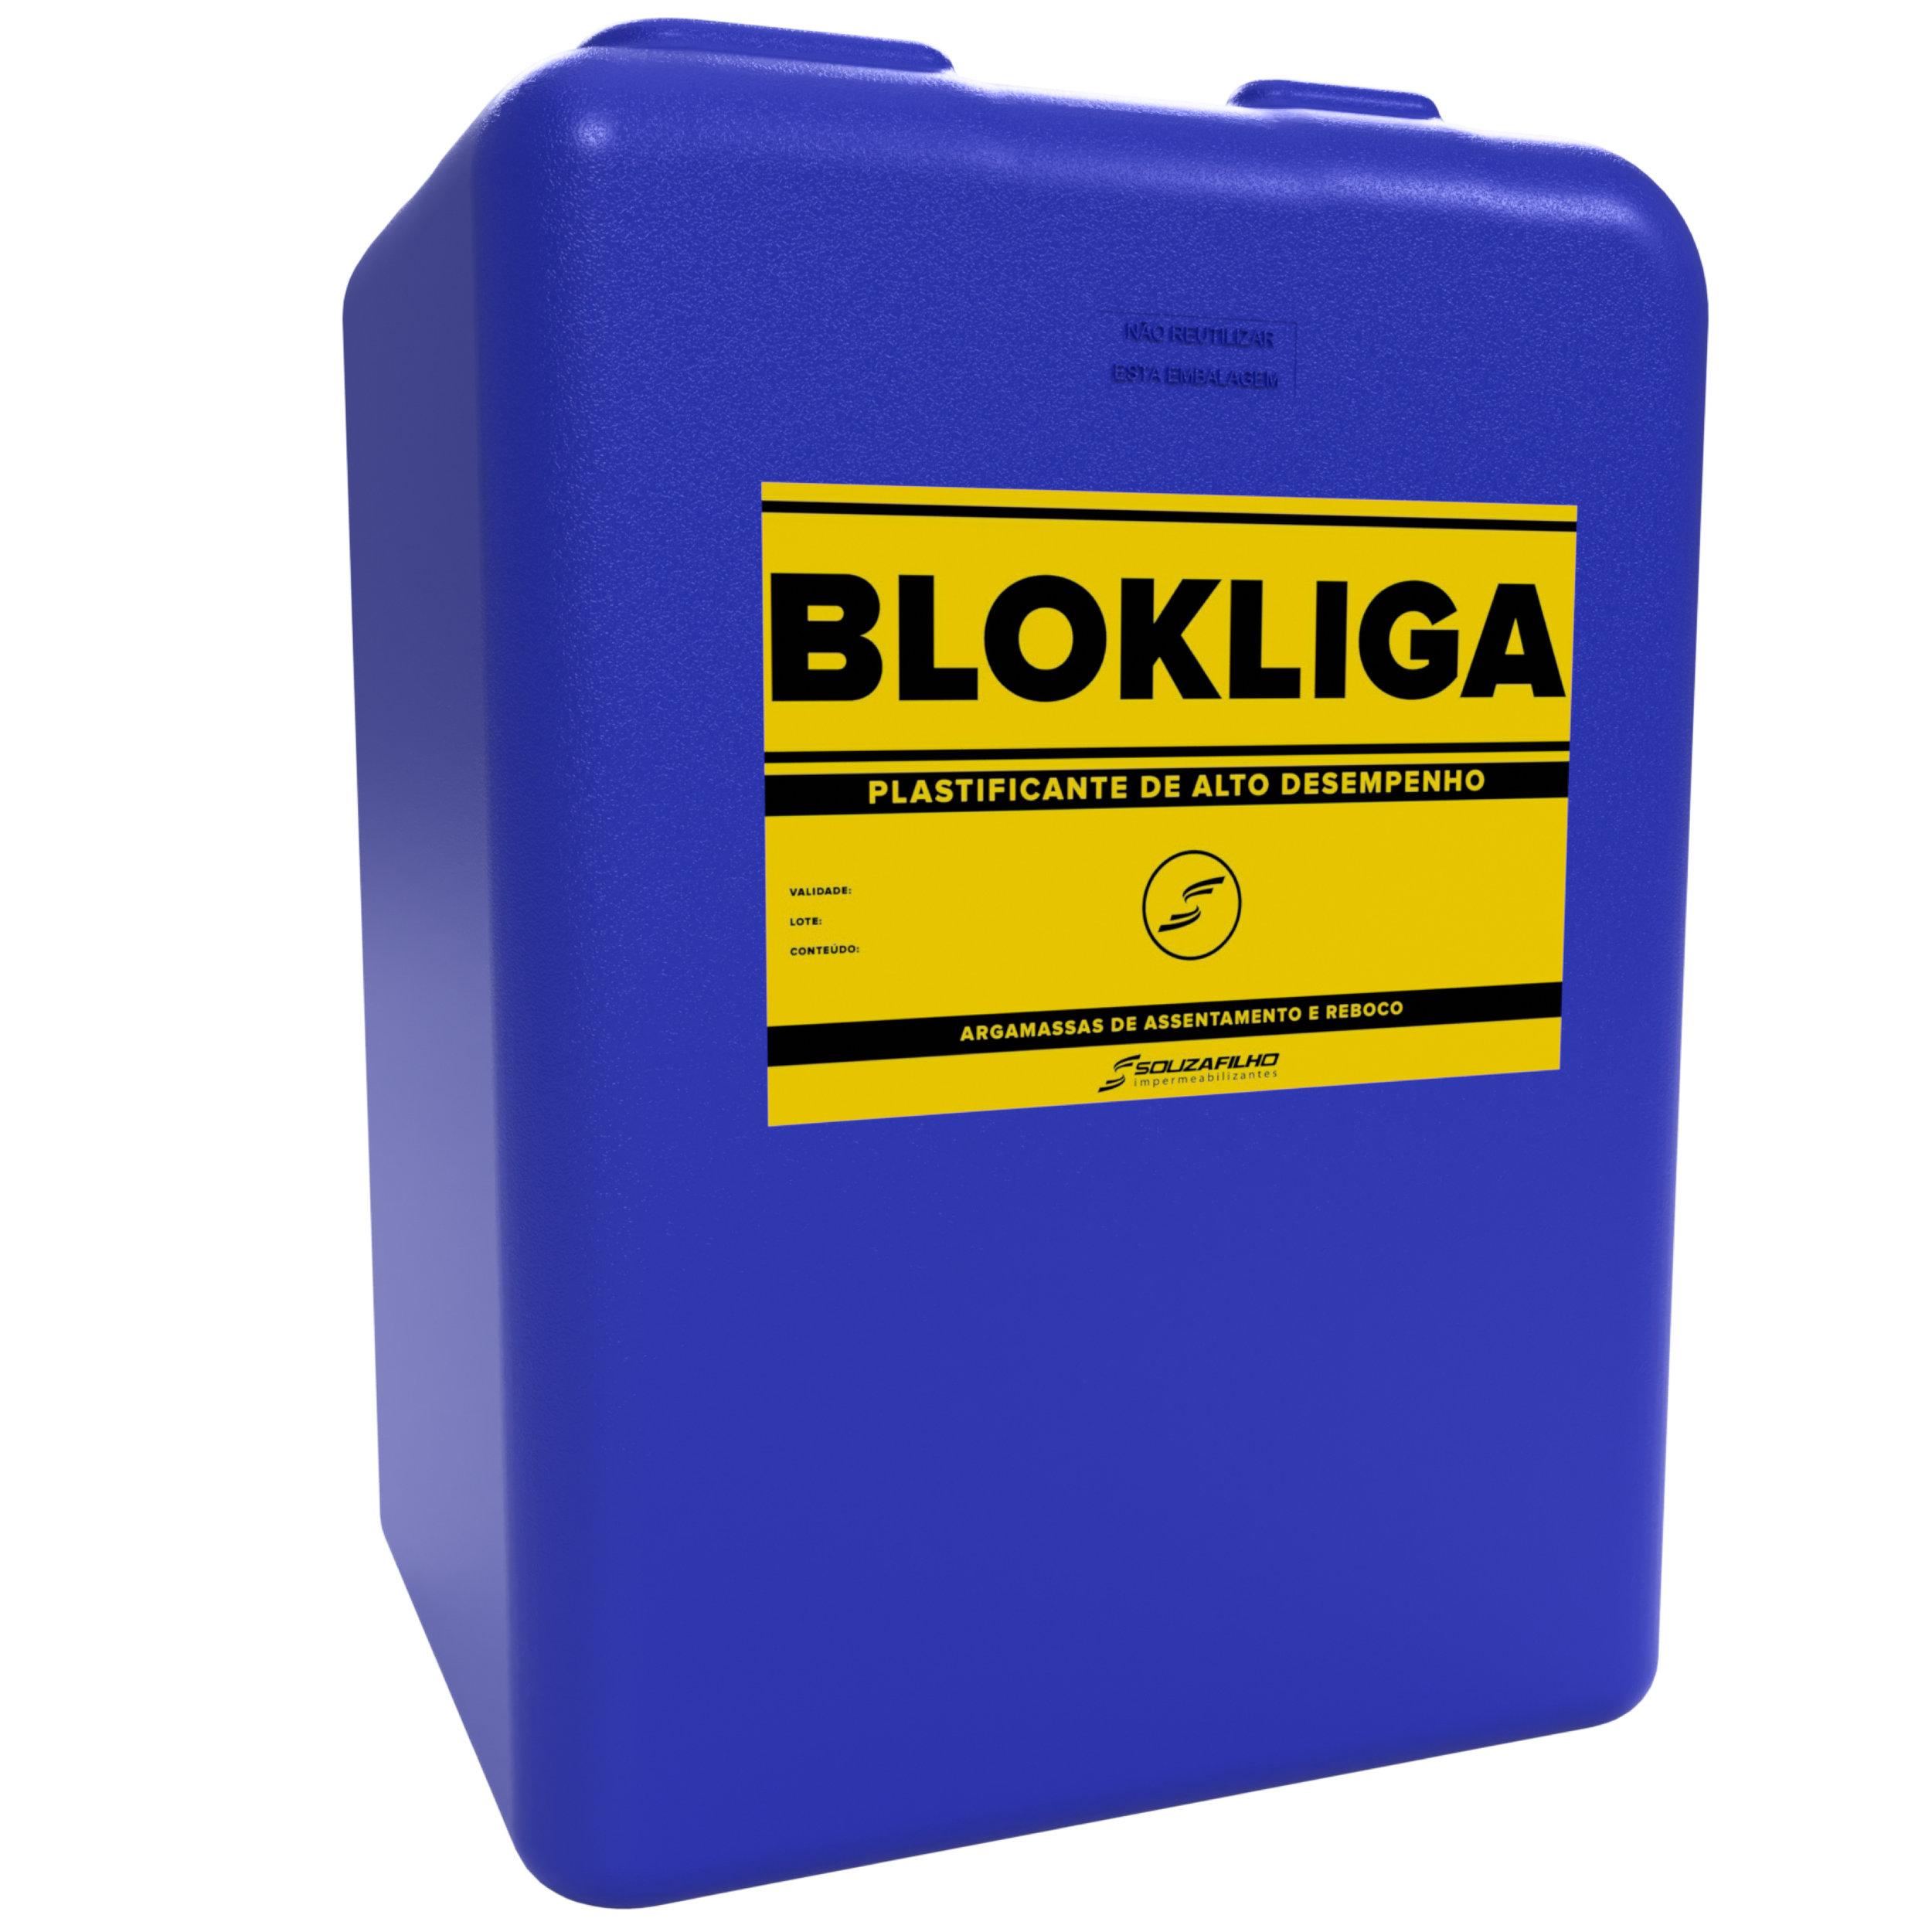 BLOKLIGA  - Plastificante para argamassas de assentamento e reboco.   Embalagem: 18 Litros   Ideal para: Argamassas de assentamento e reboco.   Rendimento:  100 mL por saco de 50 Kg de cimento CP II E-32.